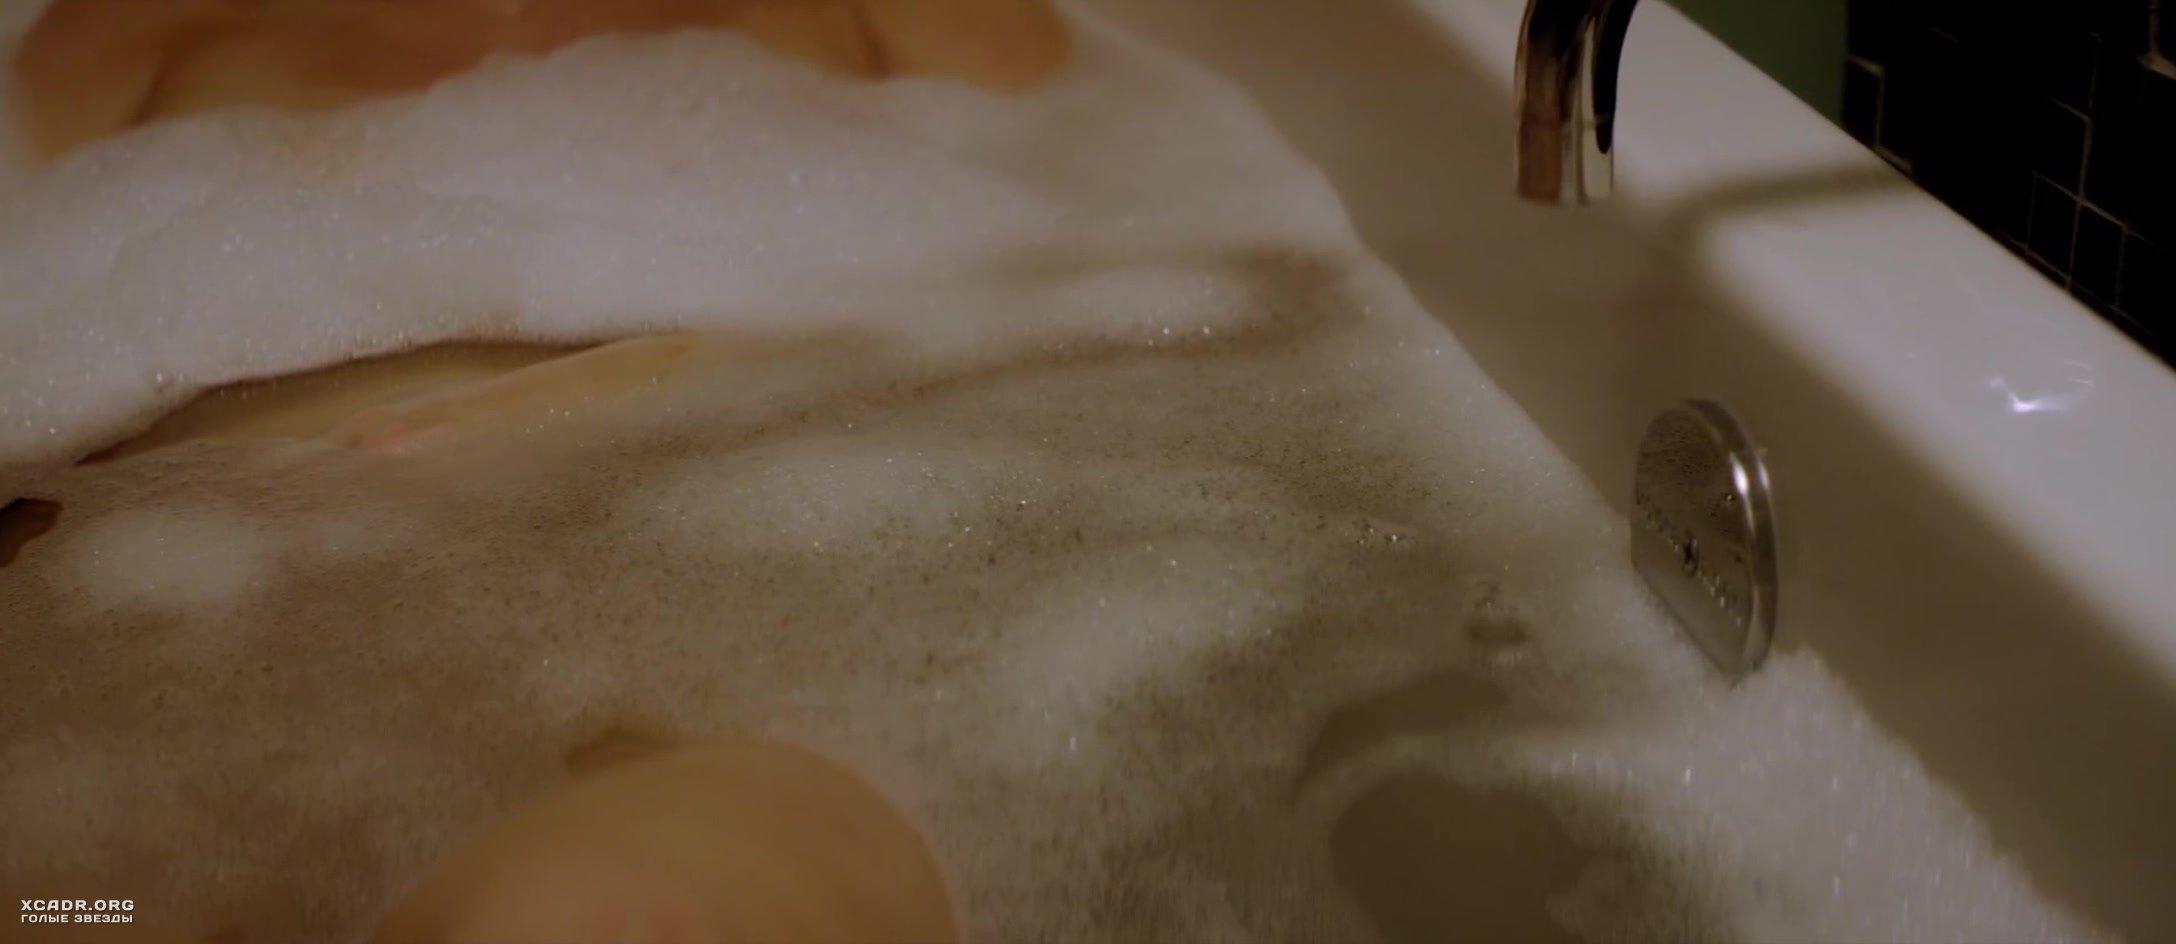 Видео мастурбации знаменитостей нужные